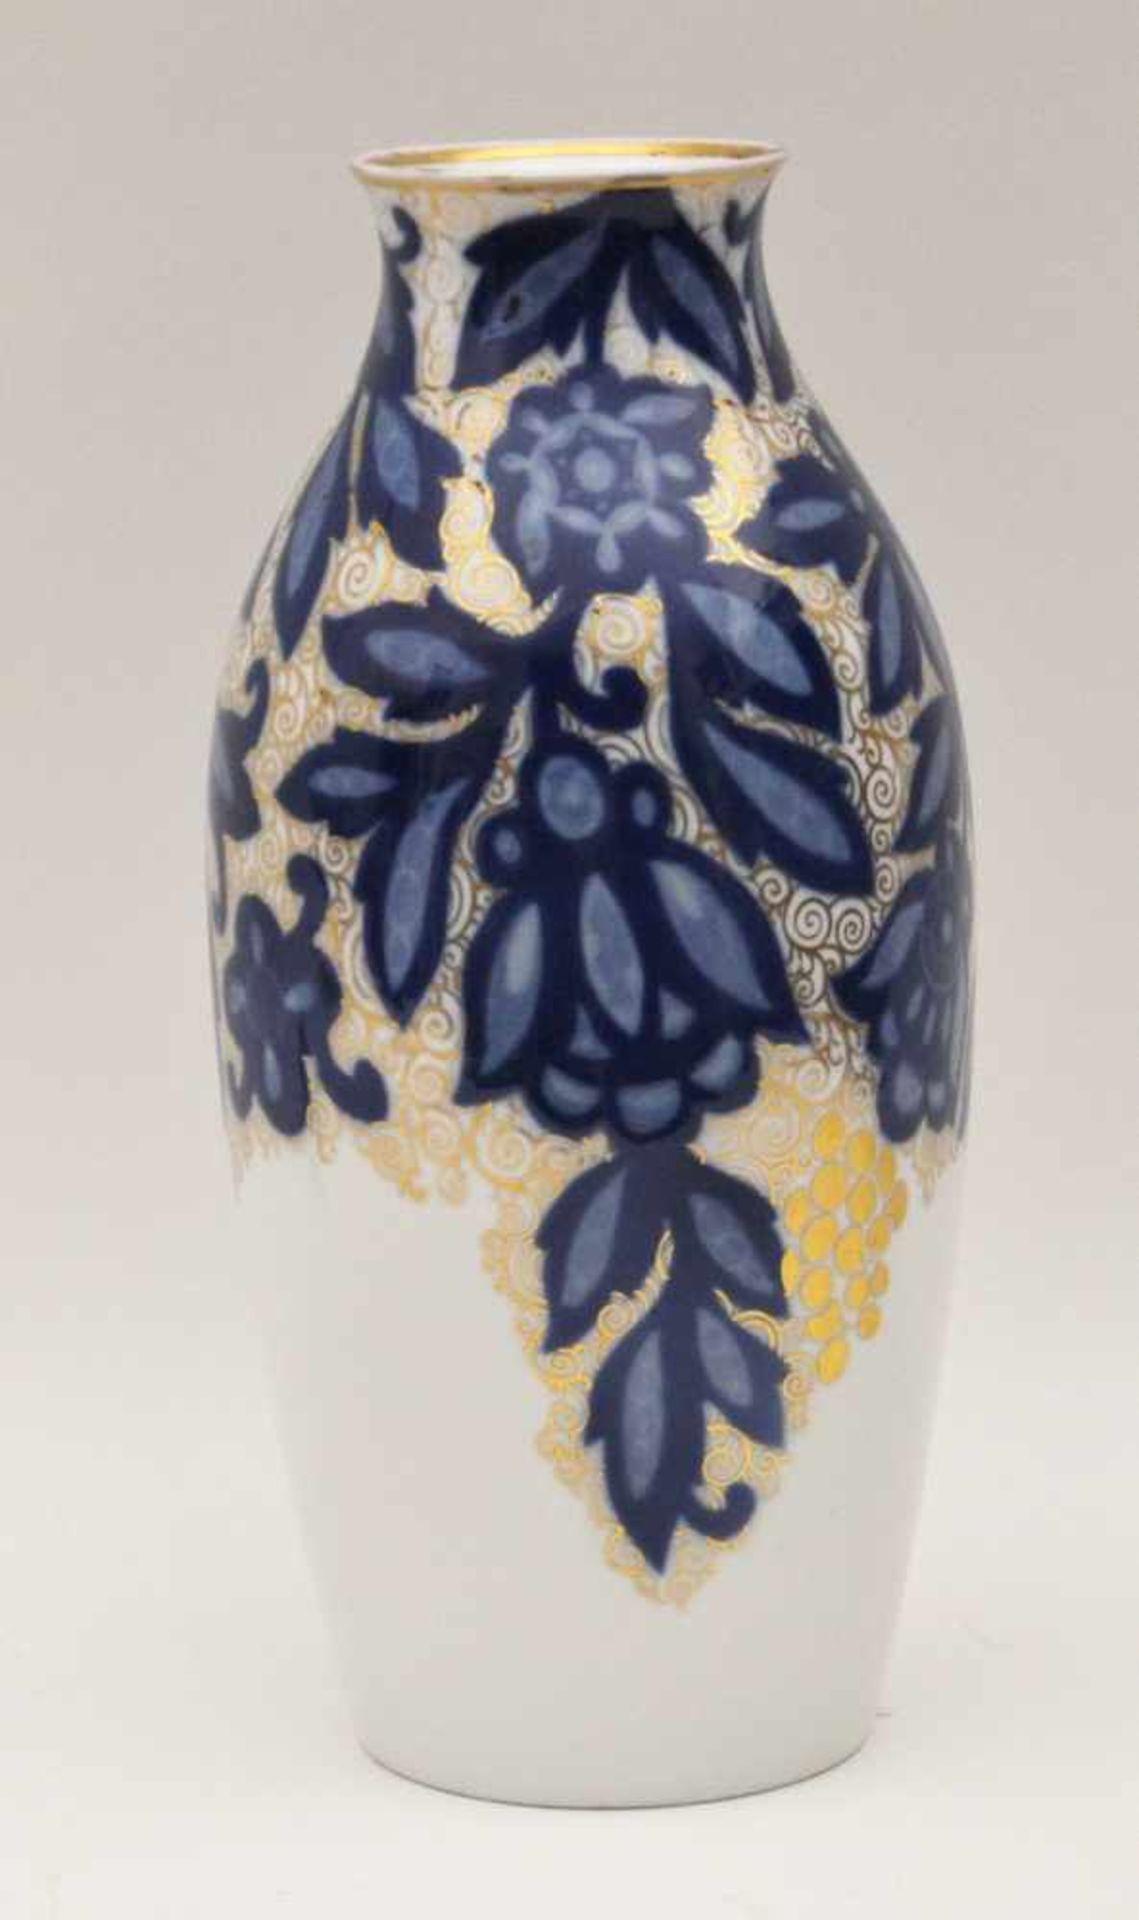 """Los 11 - Vase """"Rosari"""", Rosenthal um 1910,Julius V. Guldbrandsen (1869 -1960),Porzellan, Höhe 33 cm"""